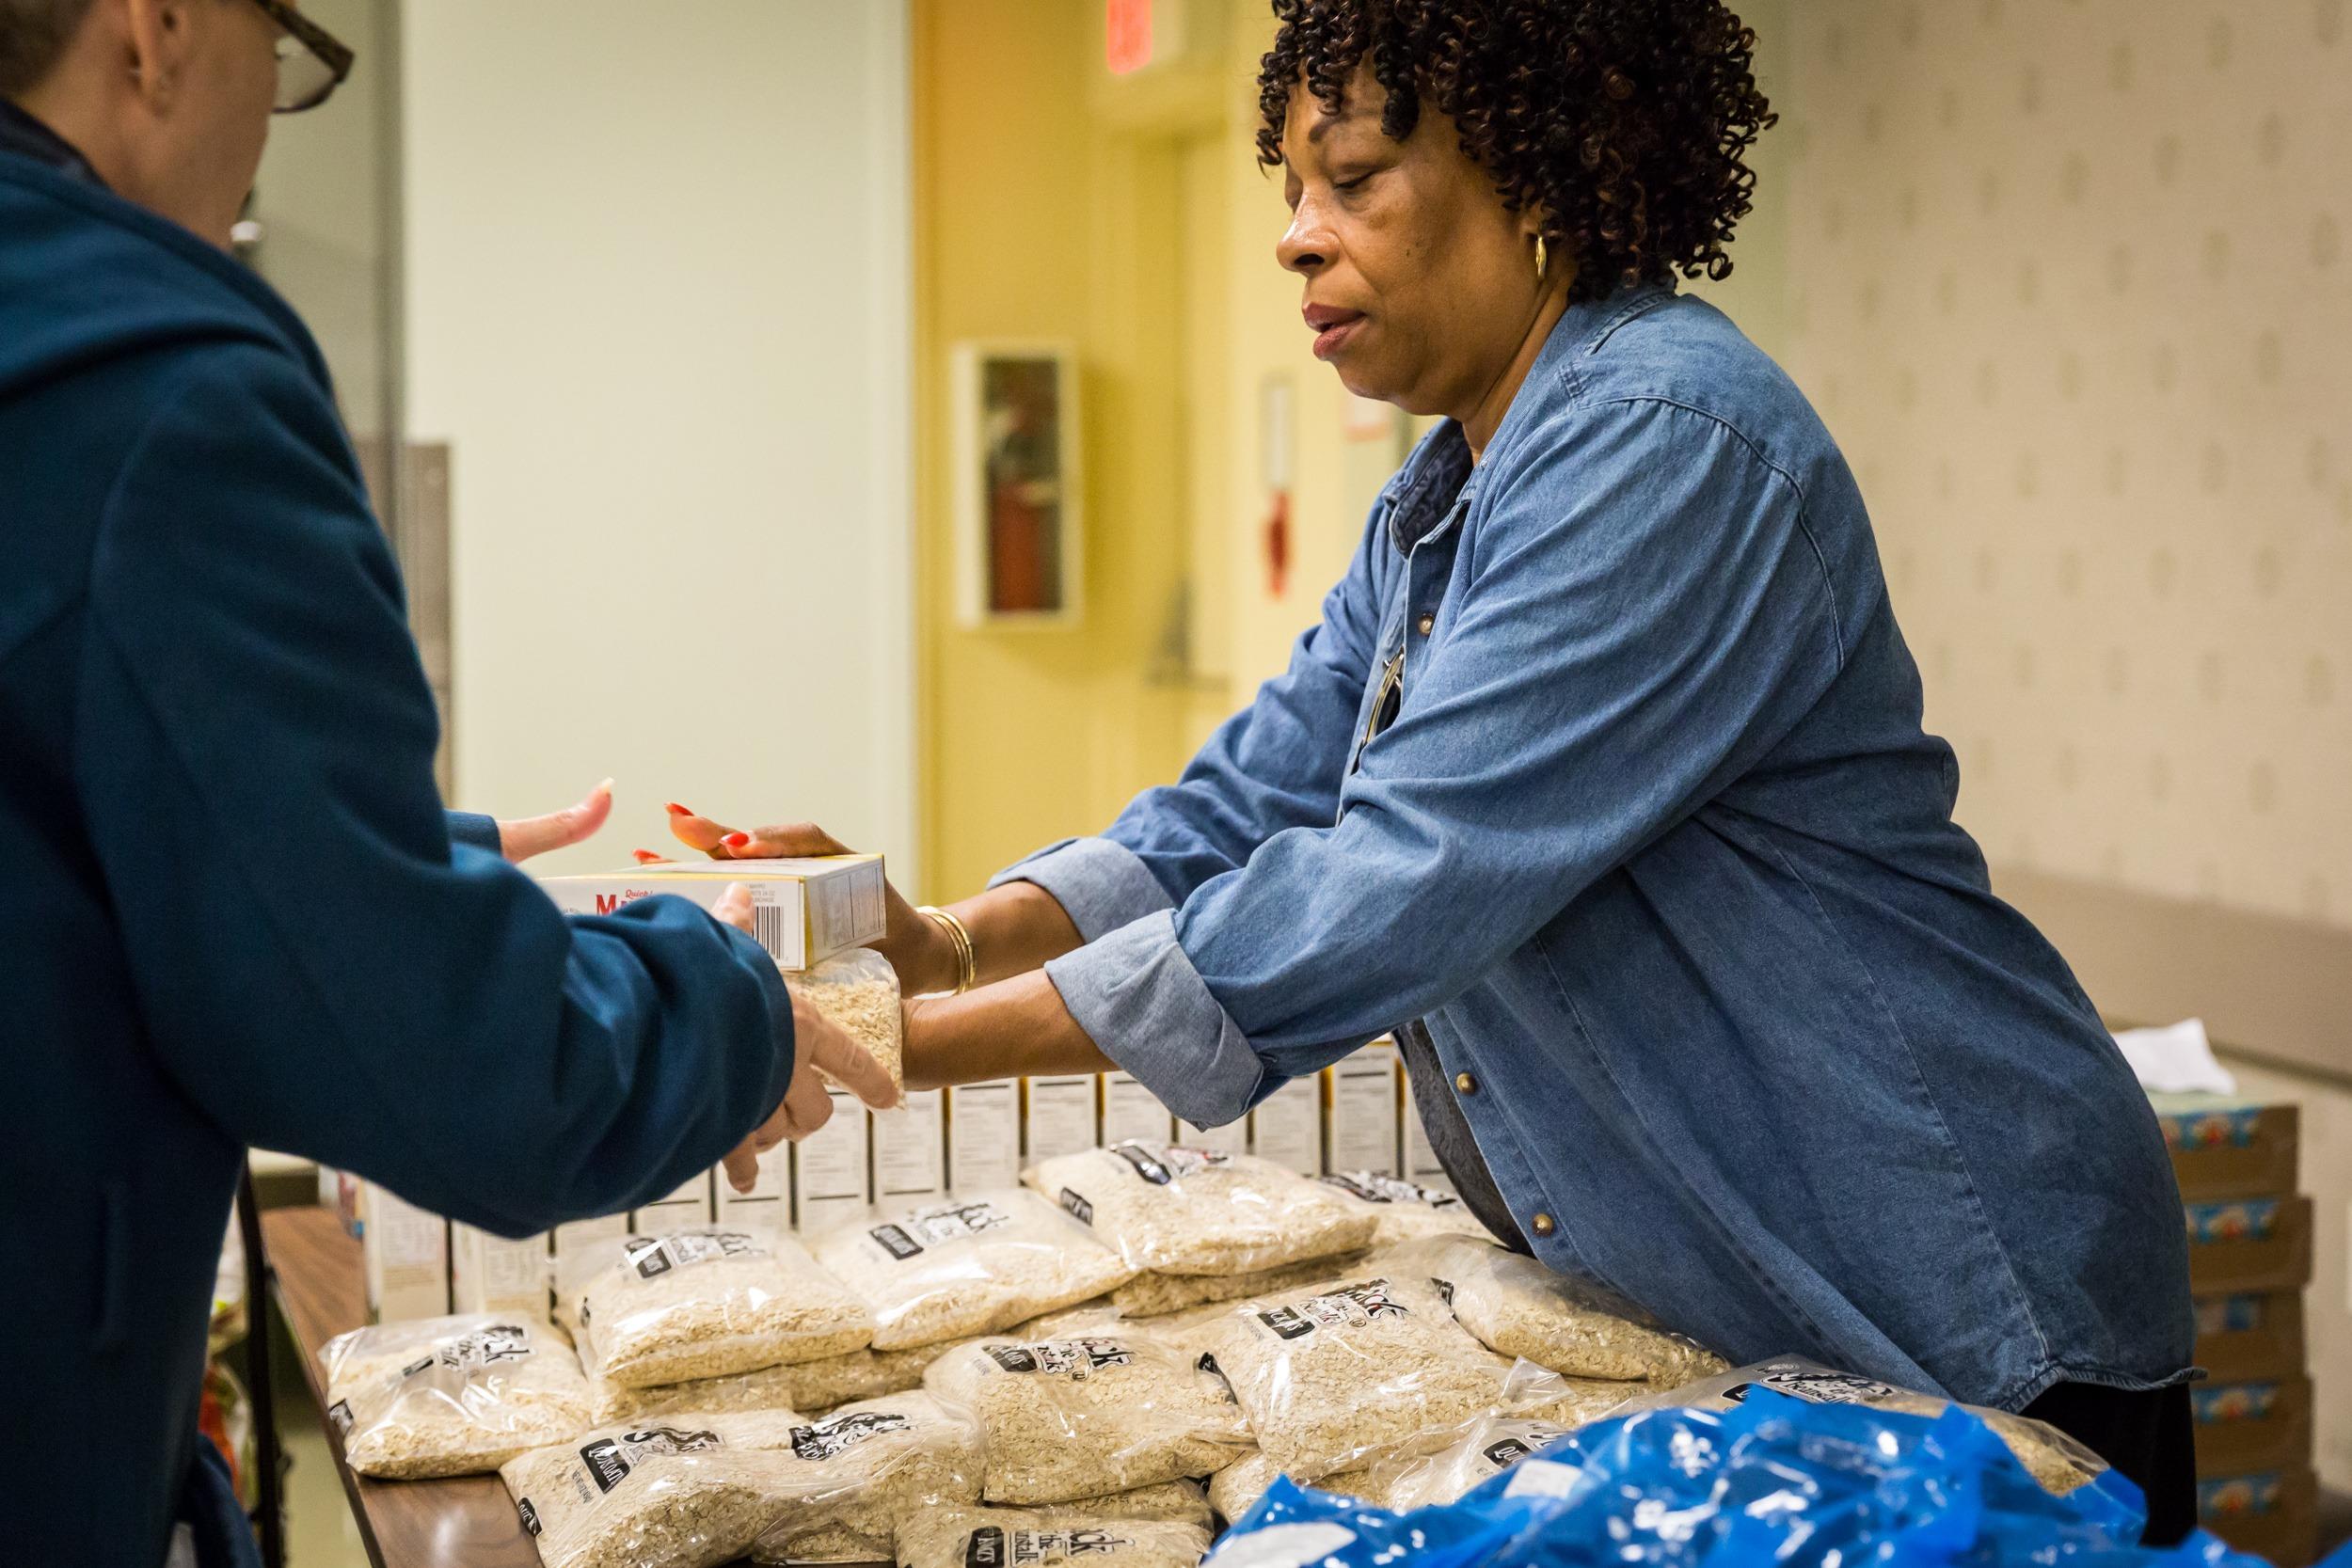 food pantry volunteer handing out food